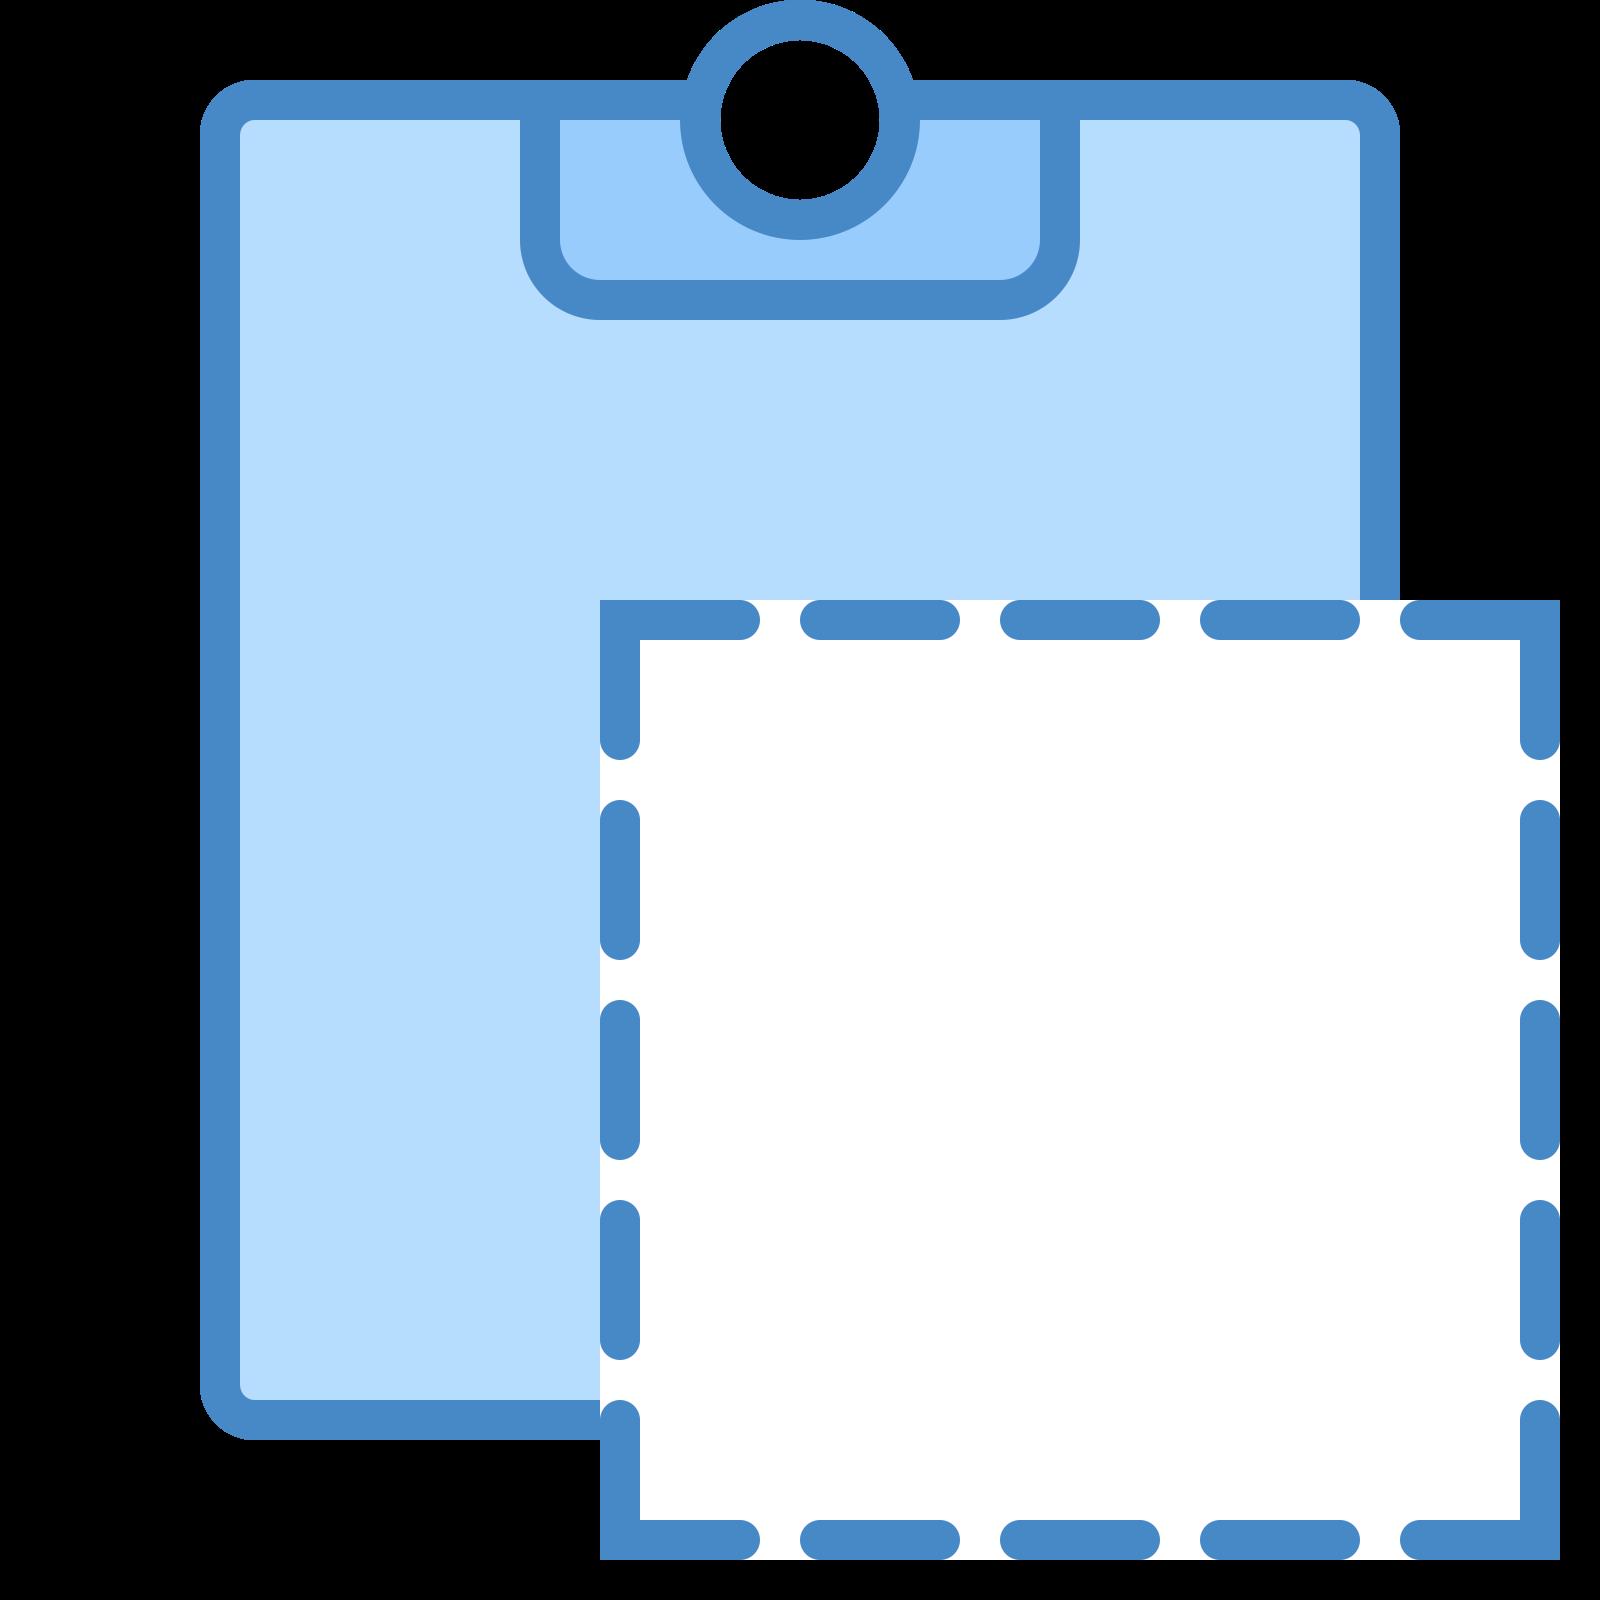 コピー2 icon